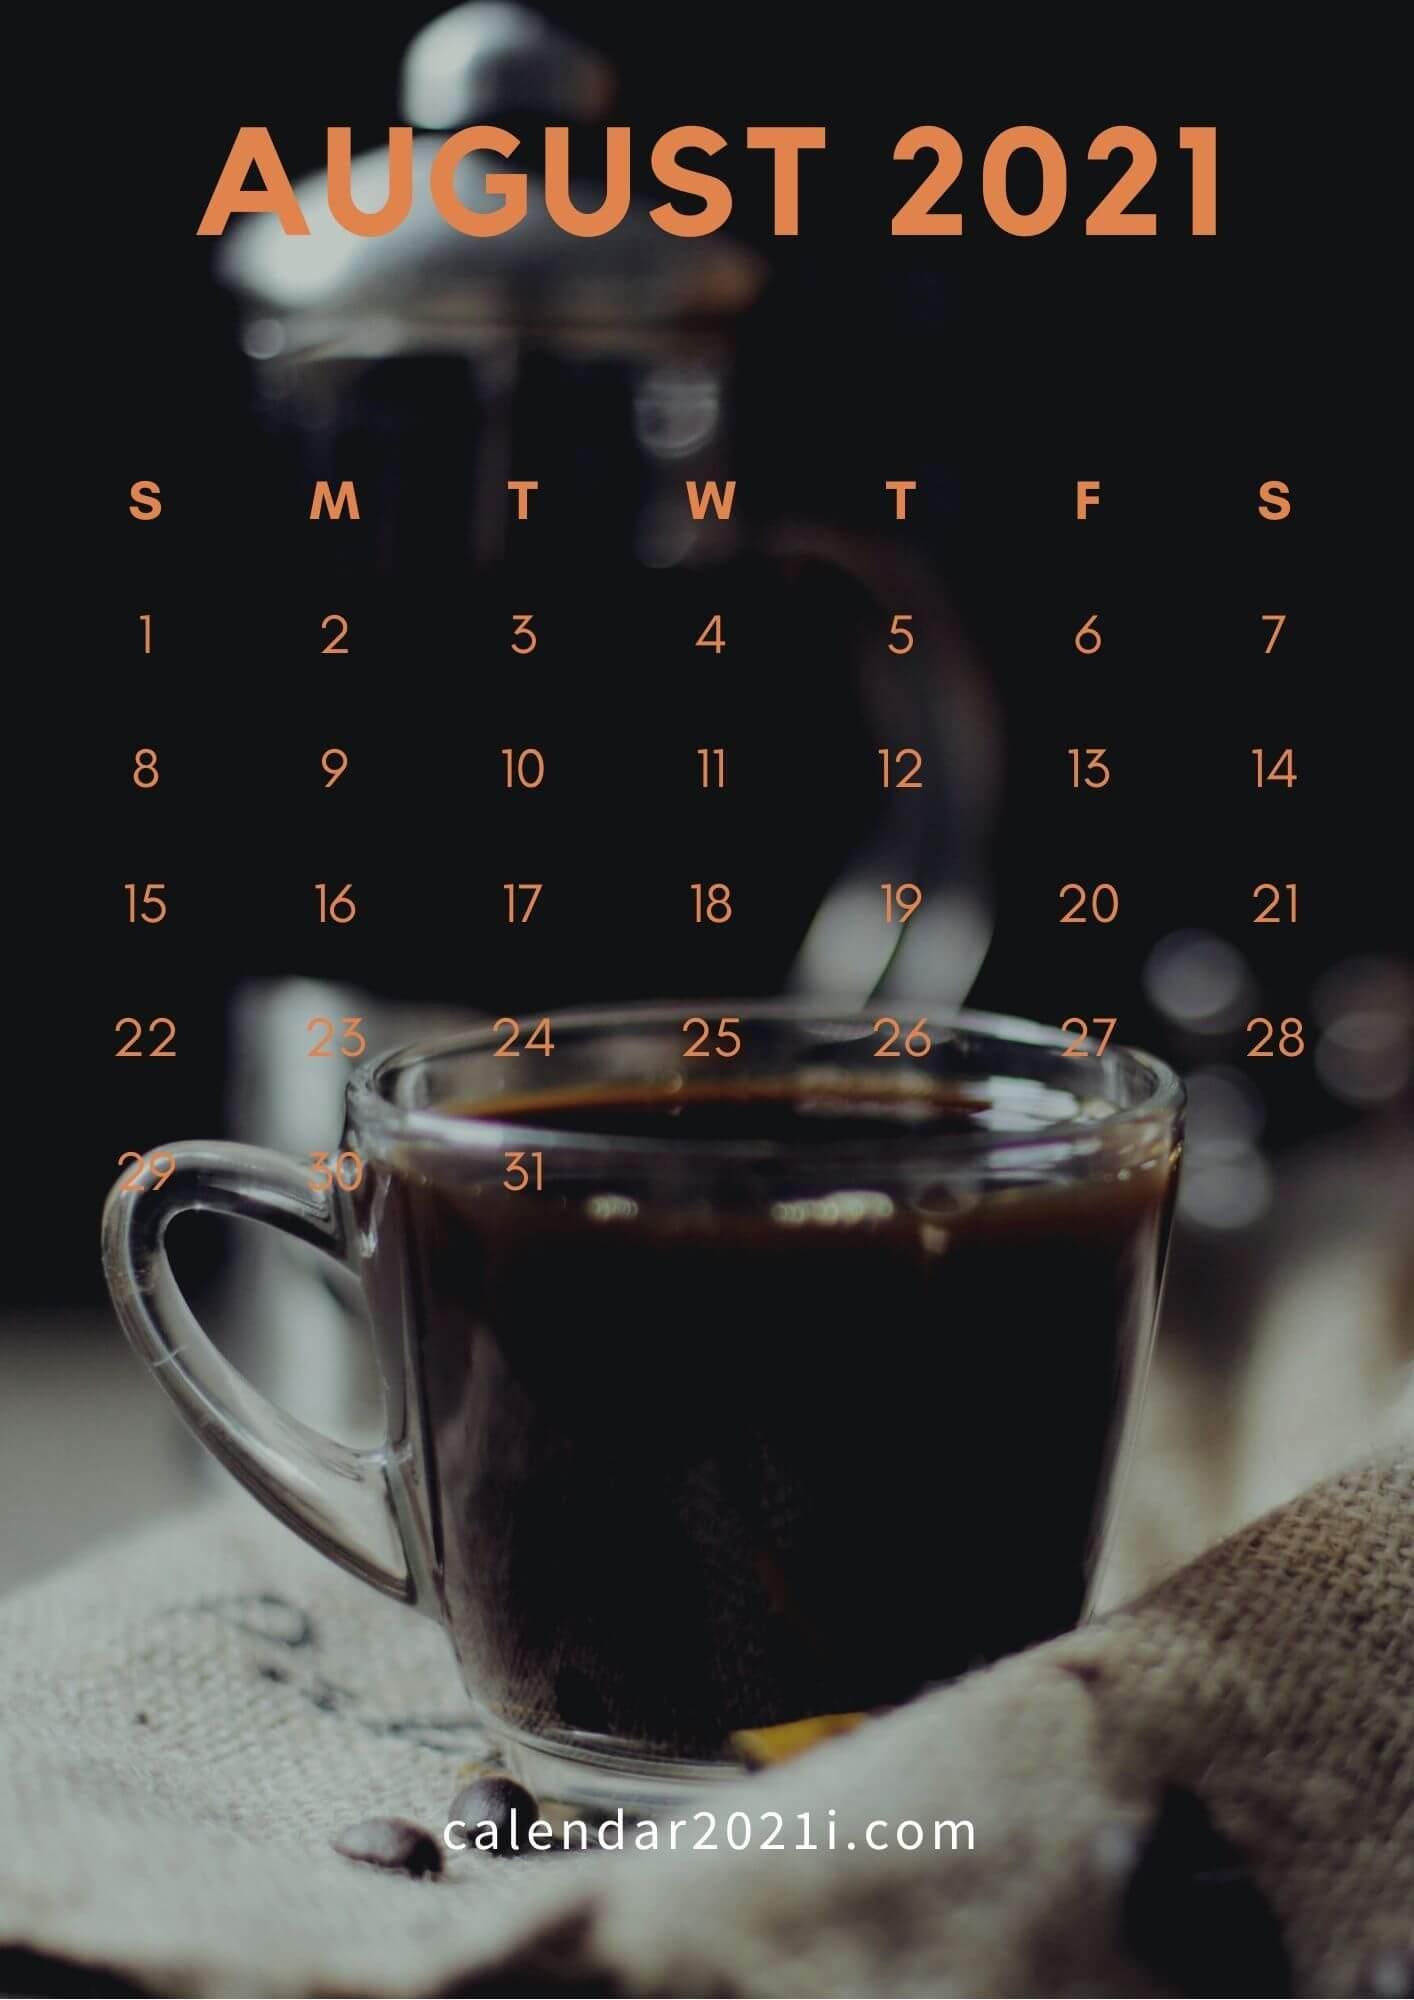 August 2021 Calendar Wallpaper